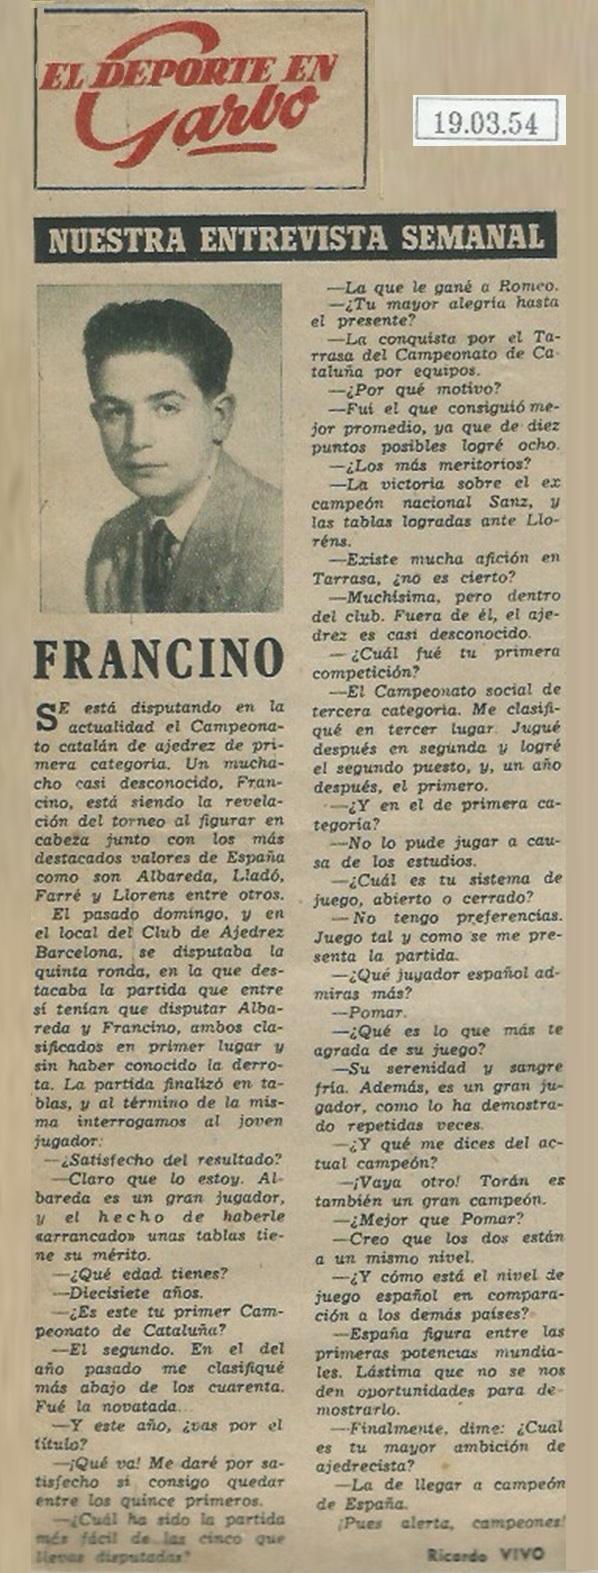 Entrevista en la Revista Garbo a Lucien Francino, 1954